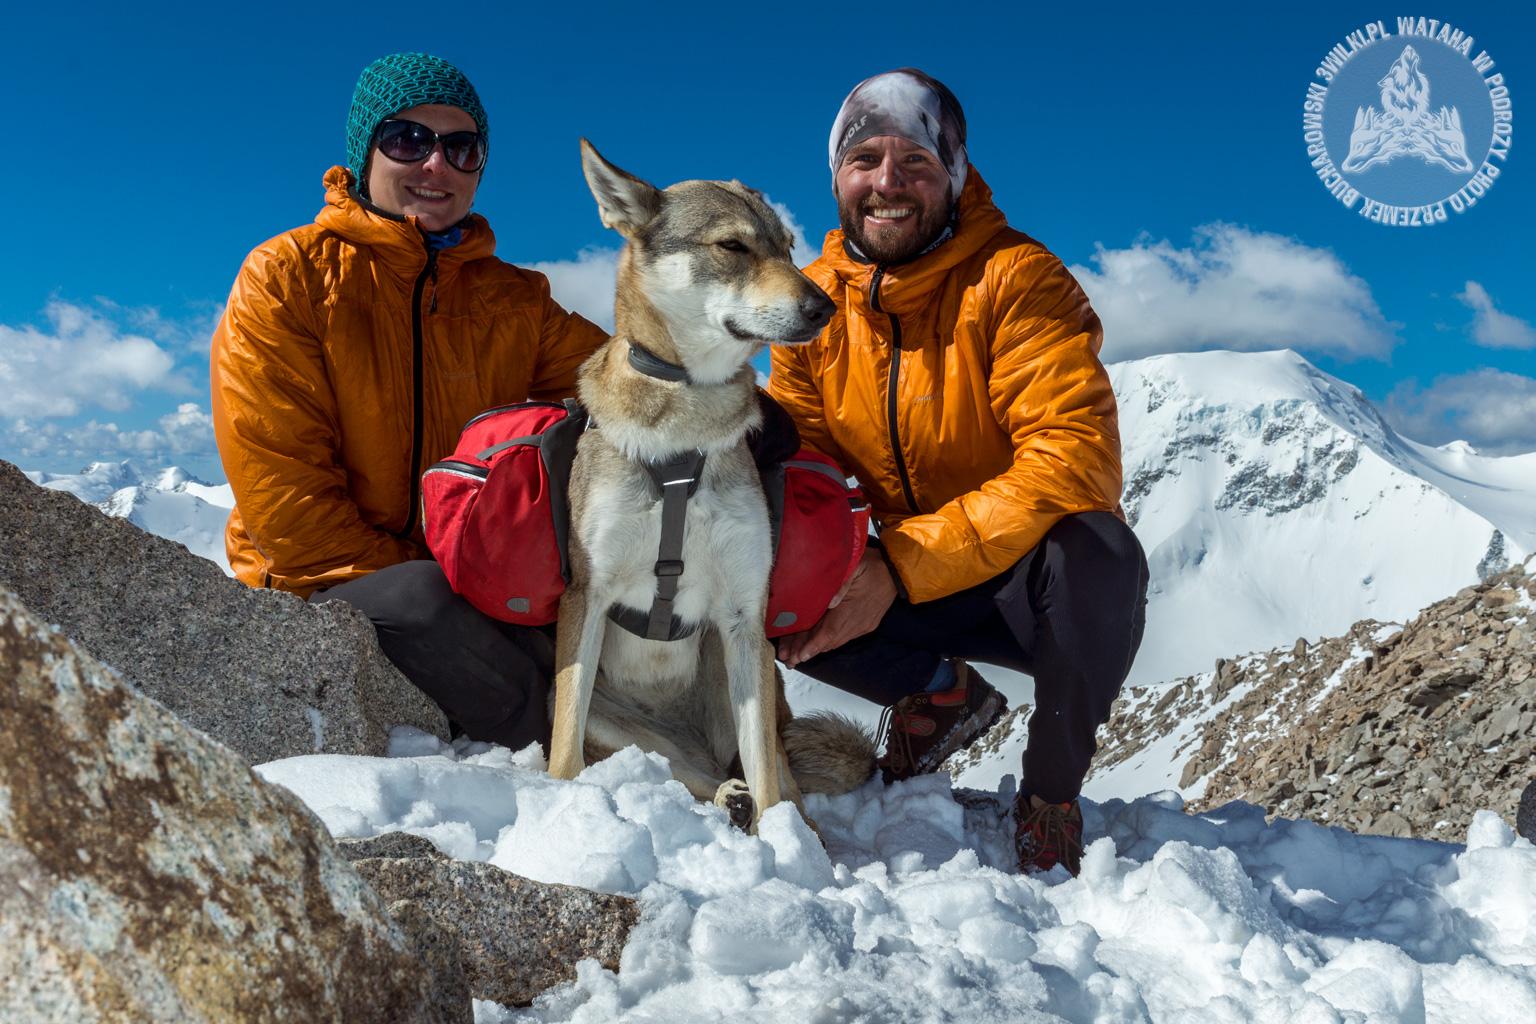 mongolia_tavanbogd_malchin_peak_wataha